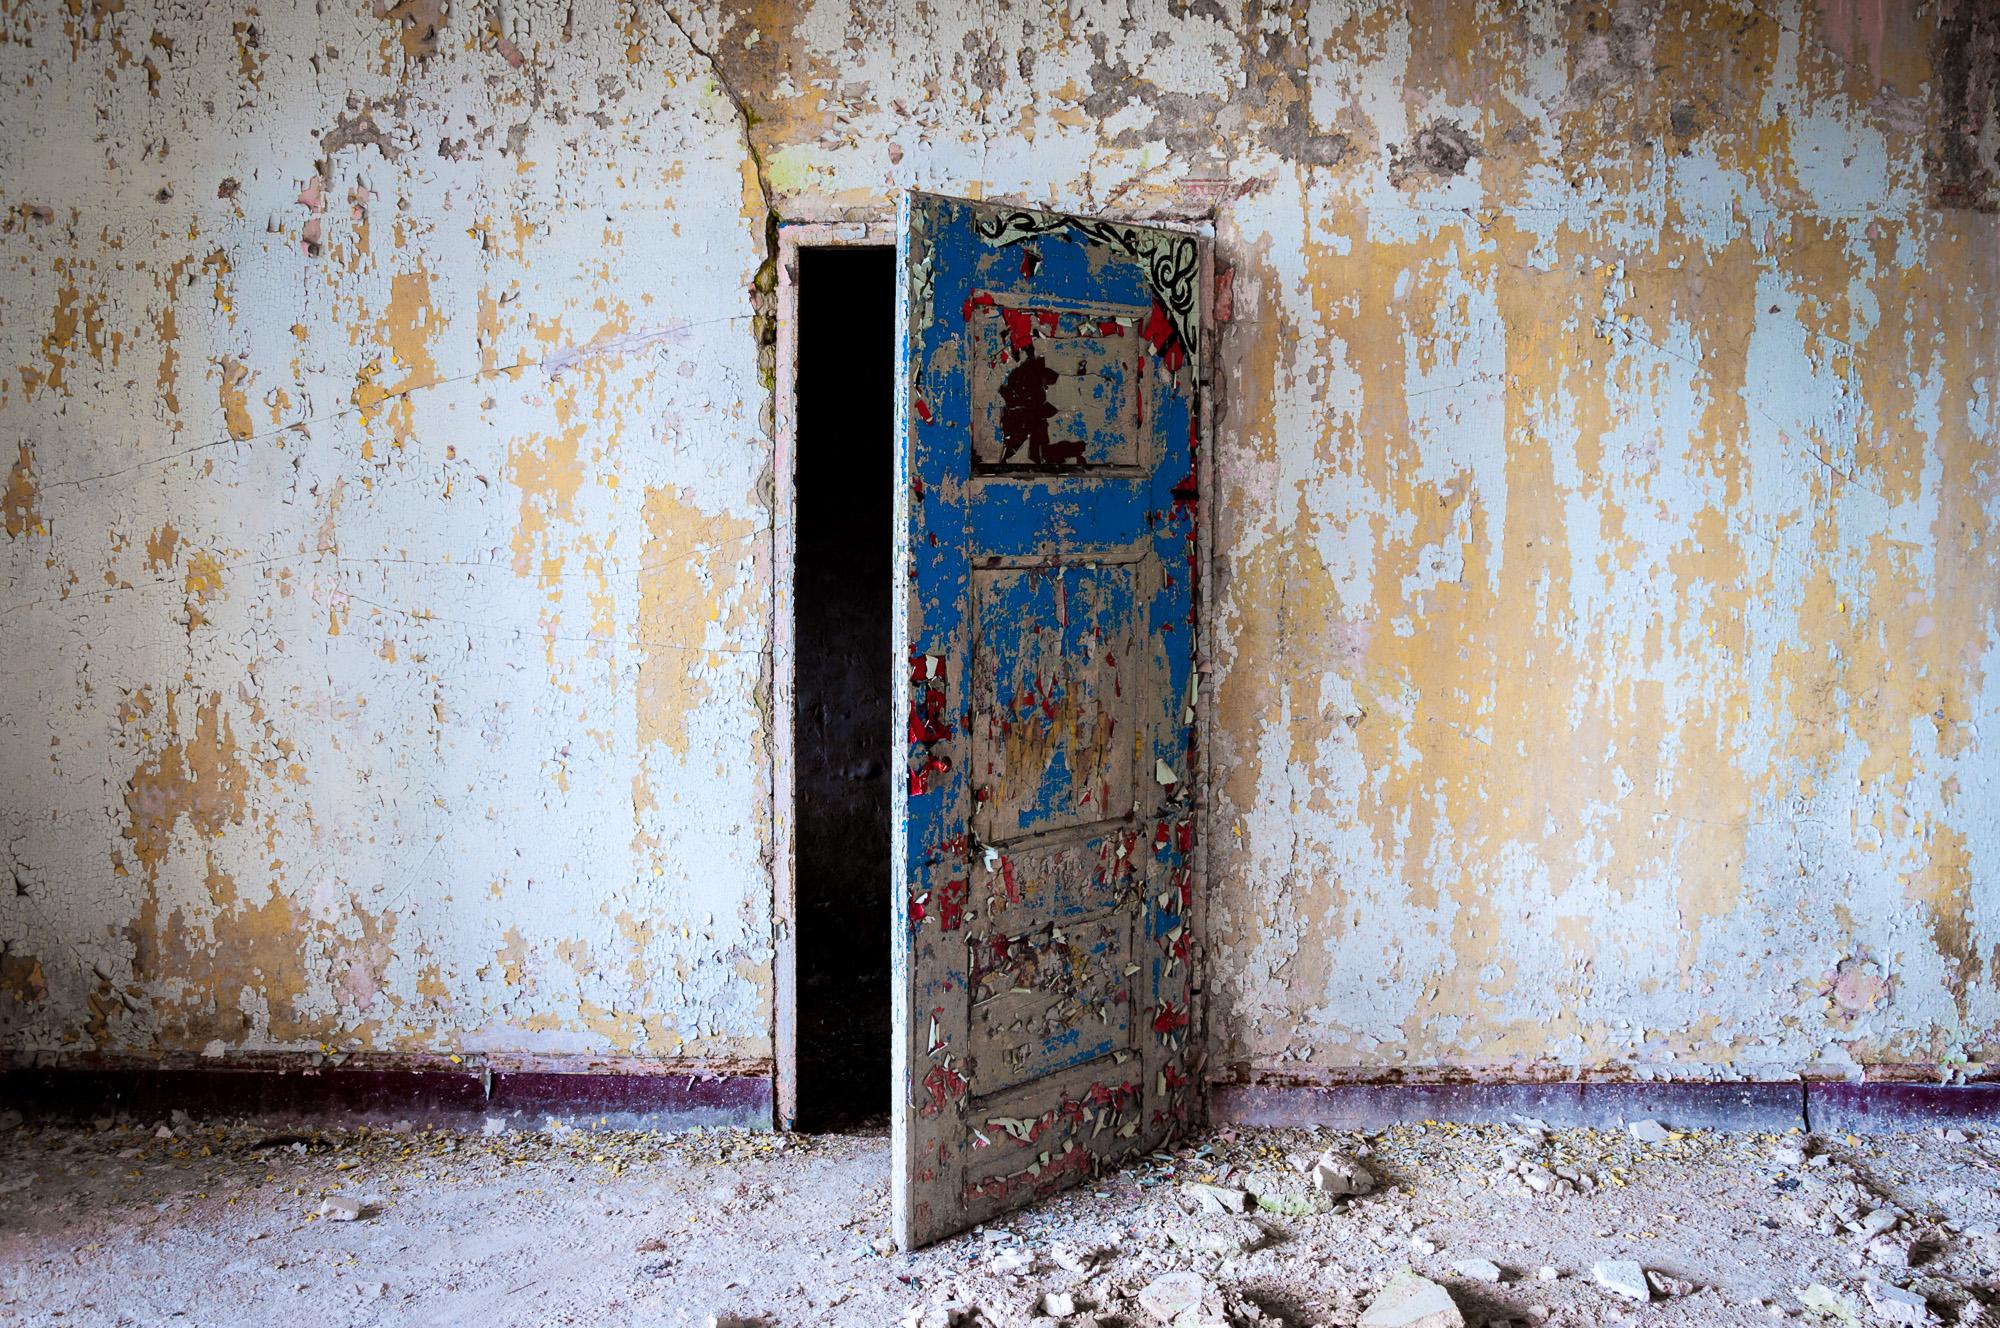 Leserfoto - Beelitzer Heilstätten: Auf halben Wege stehen geblieben